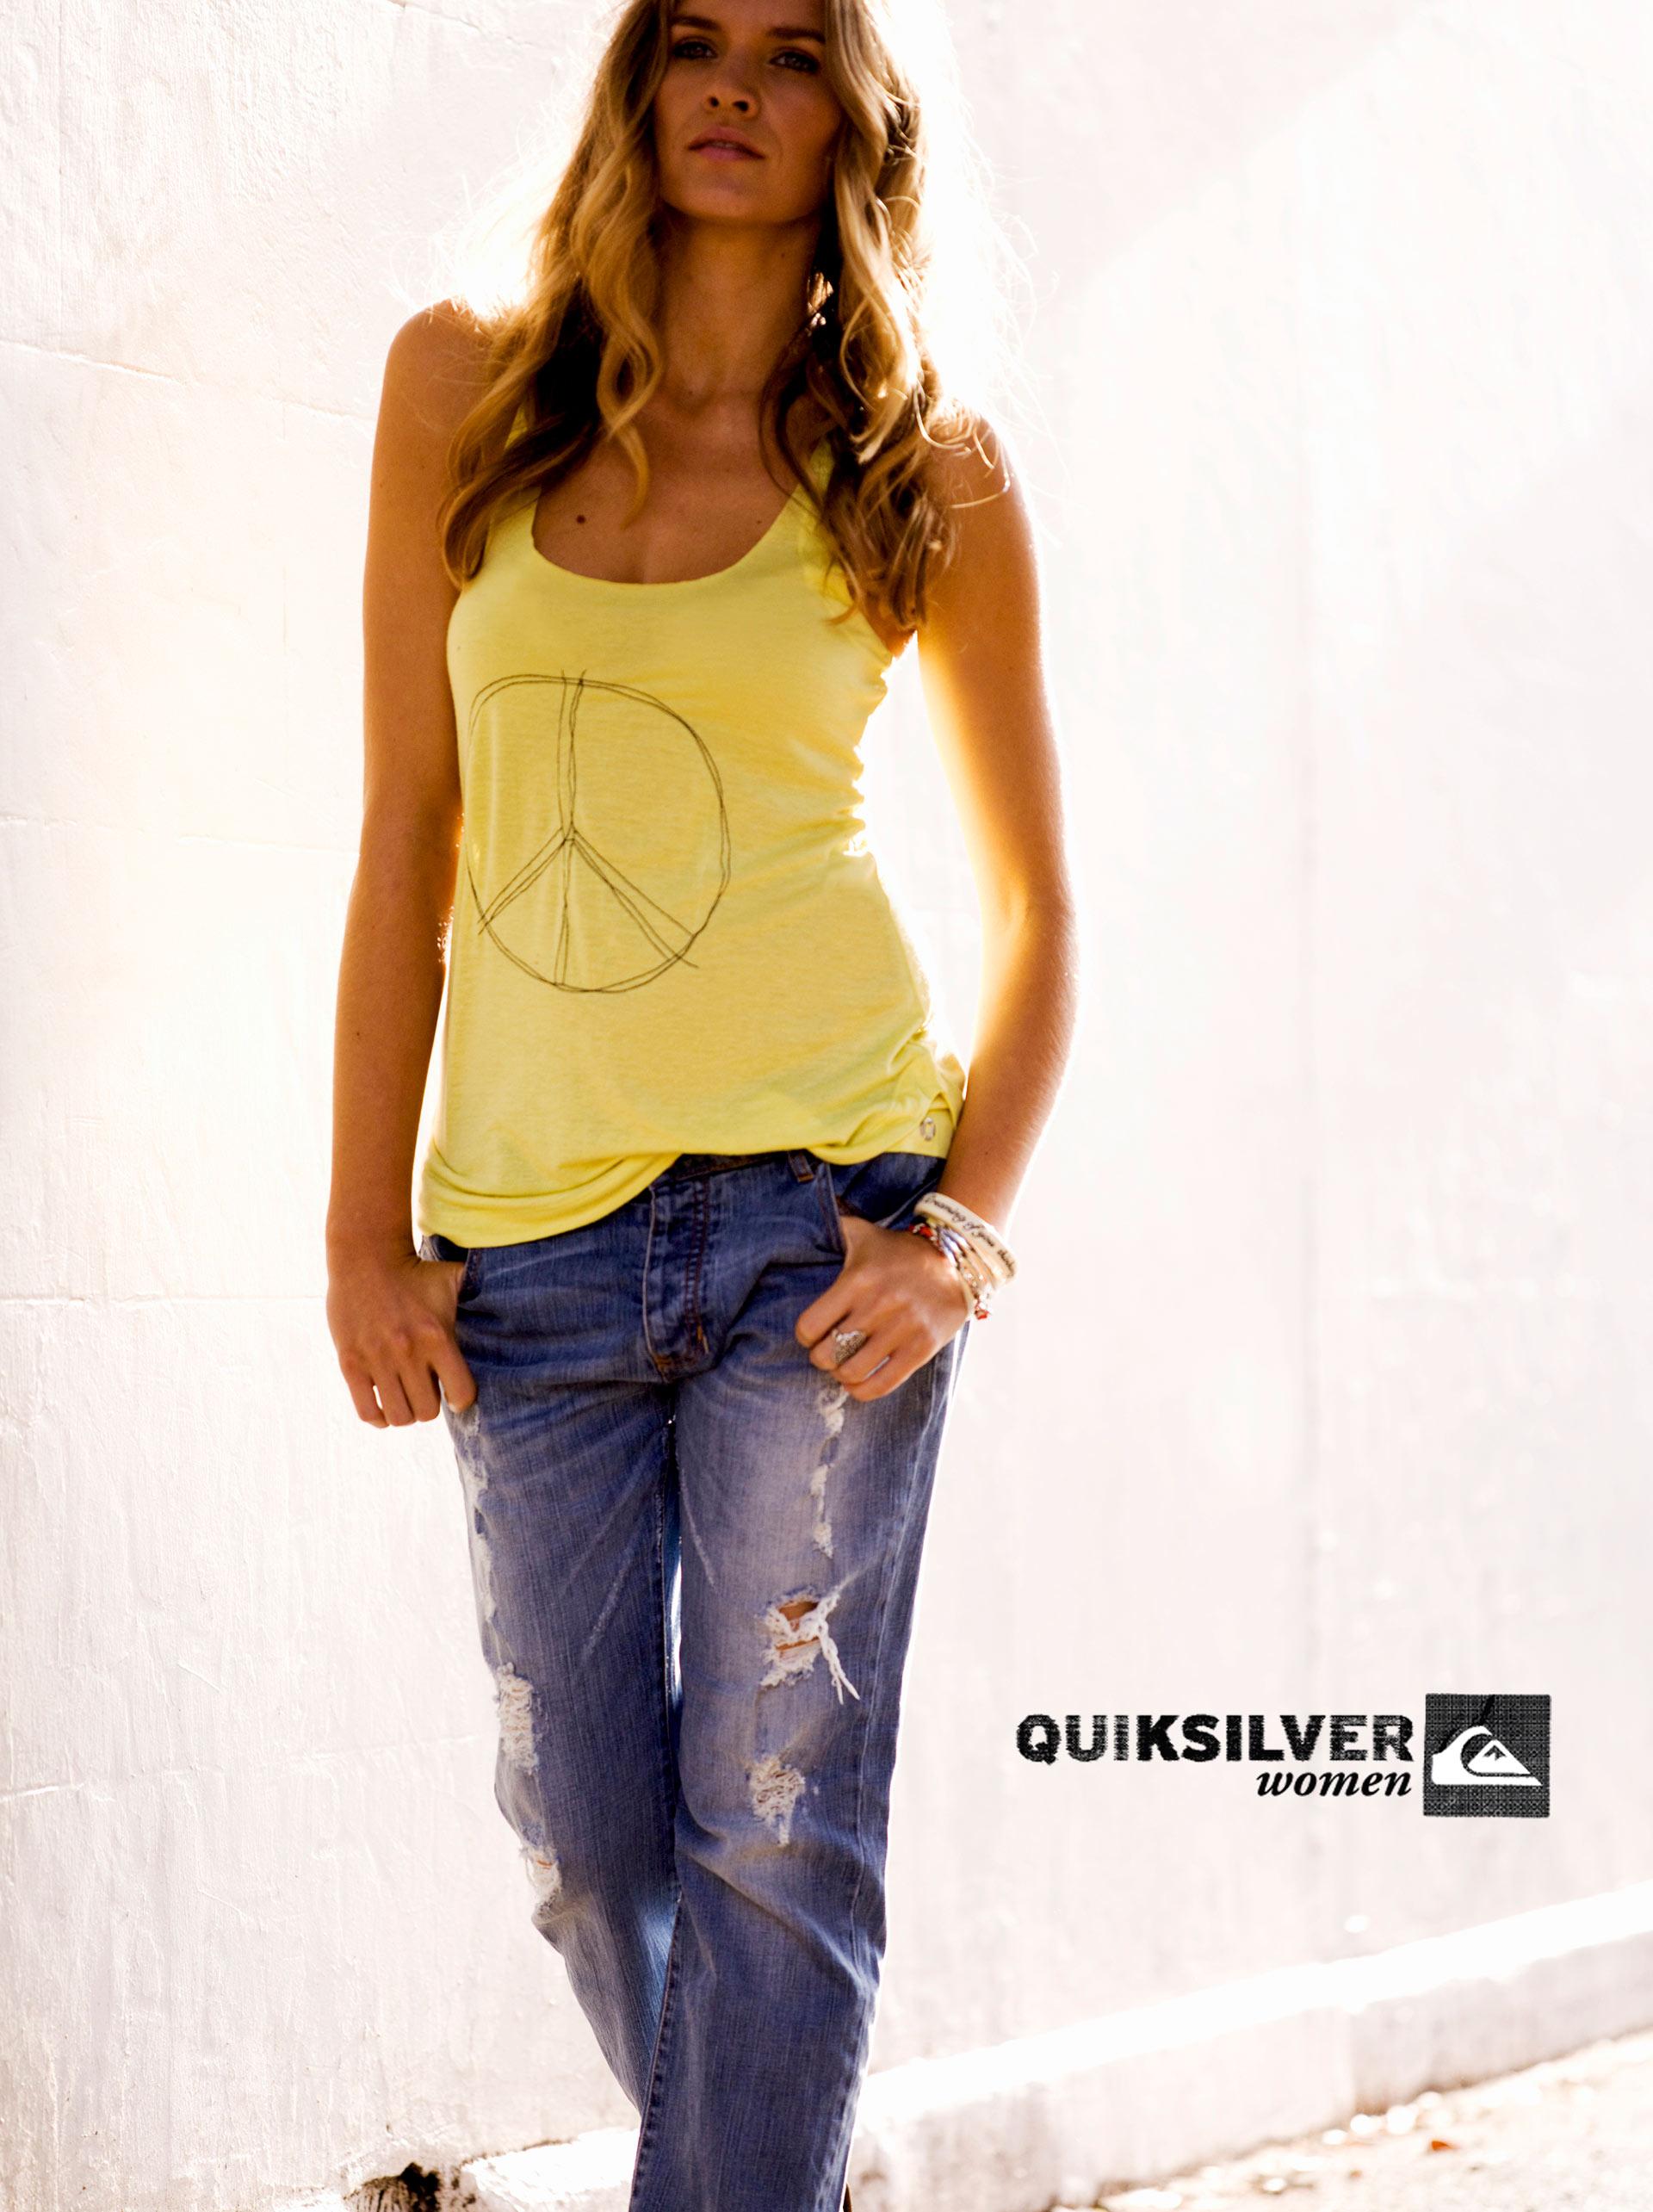 quicksilver-campaign